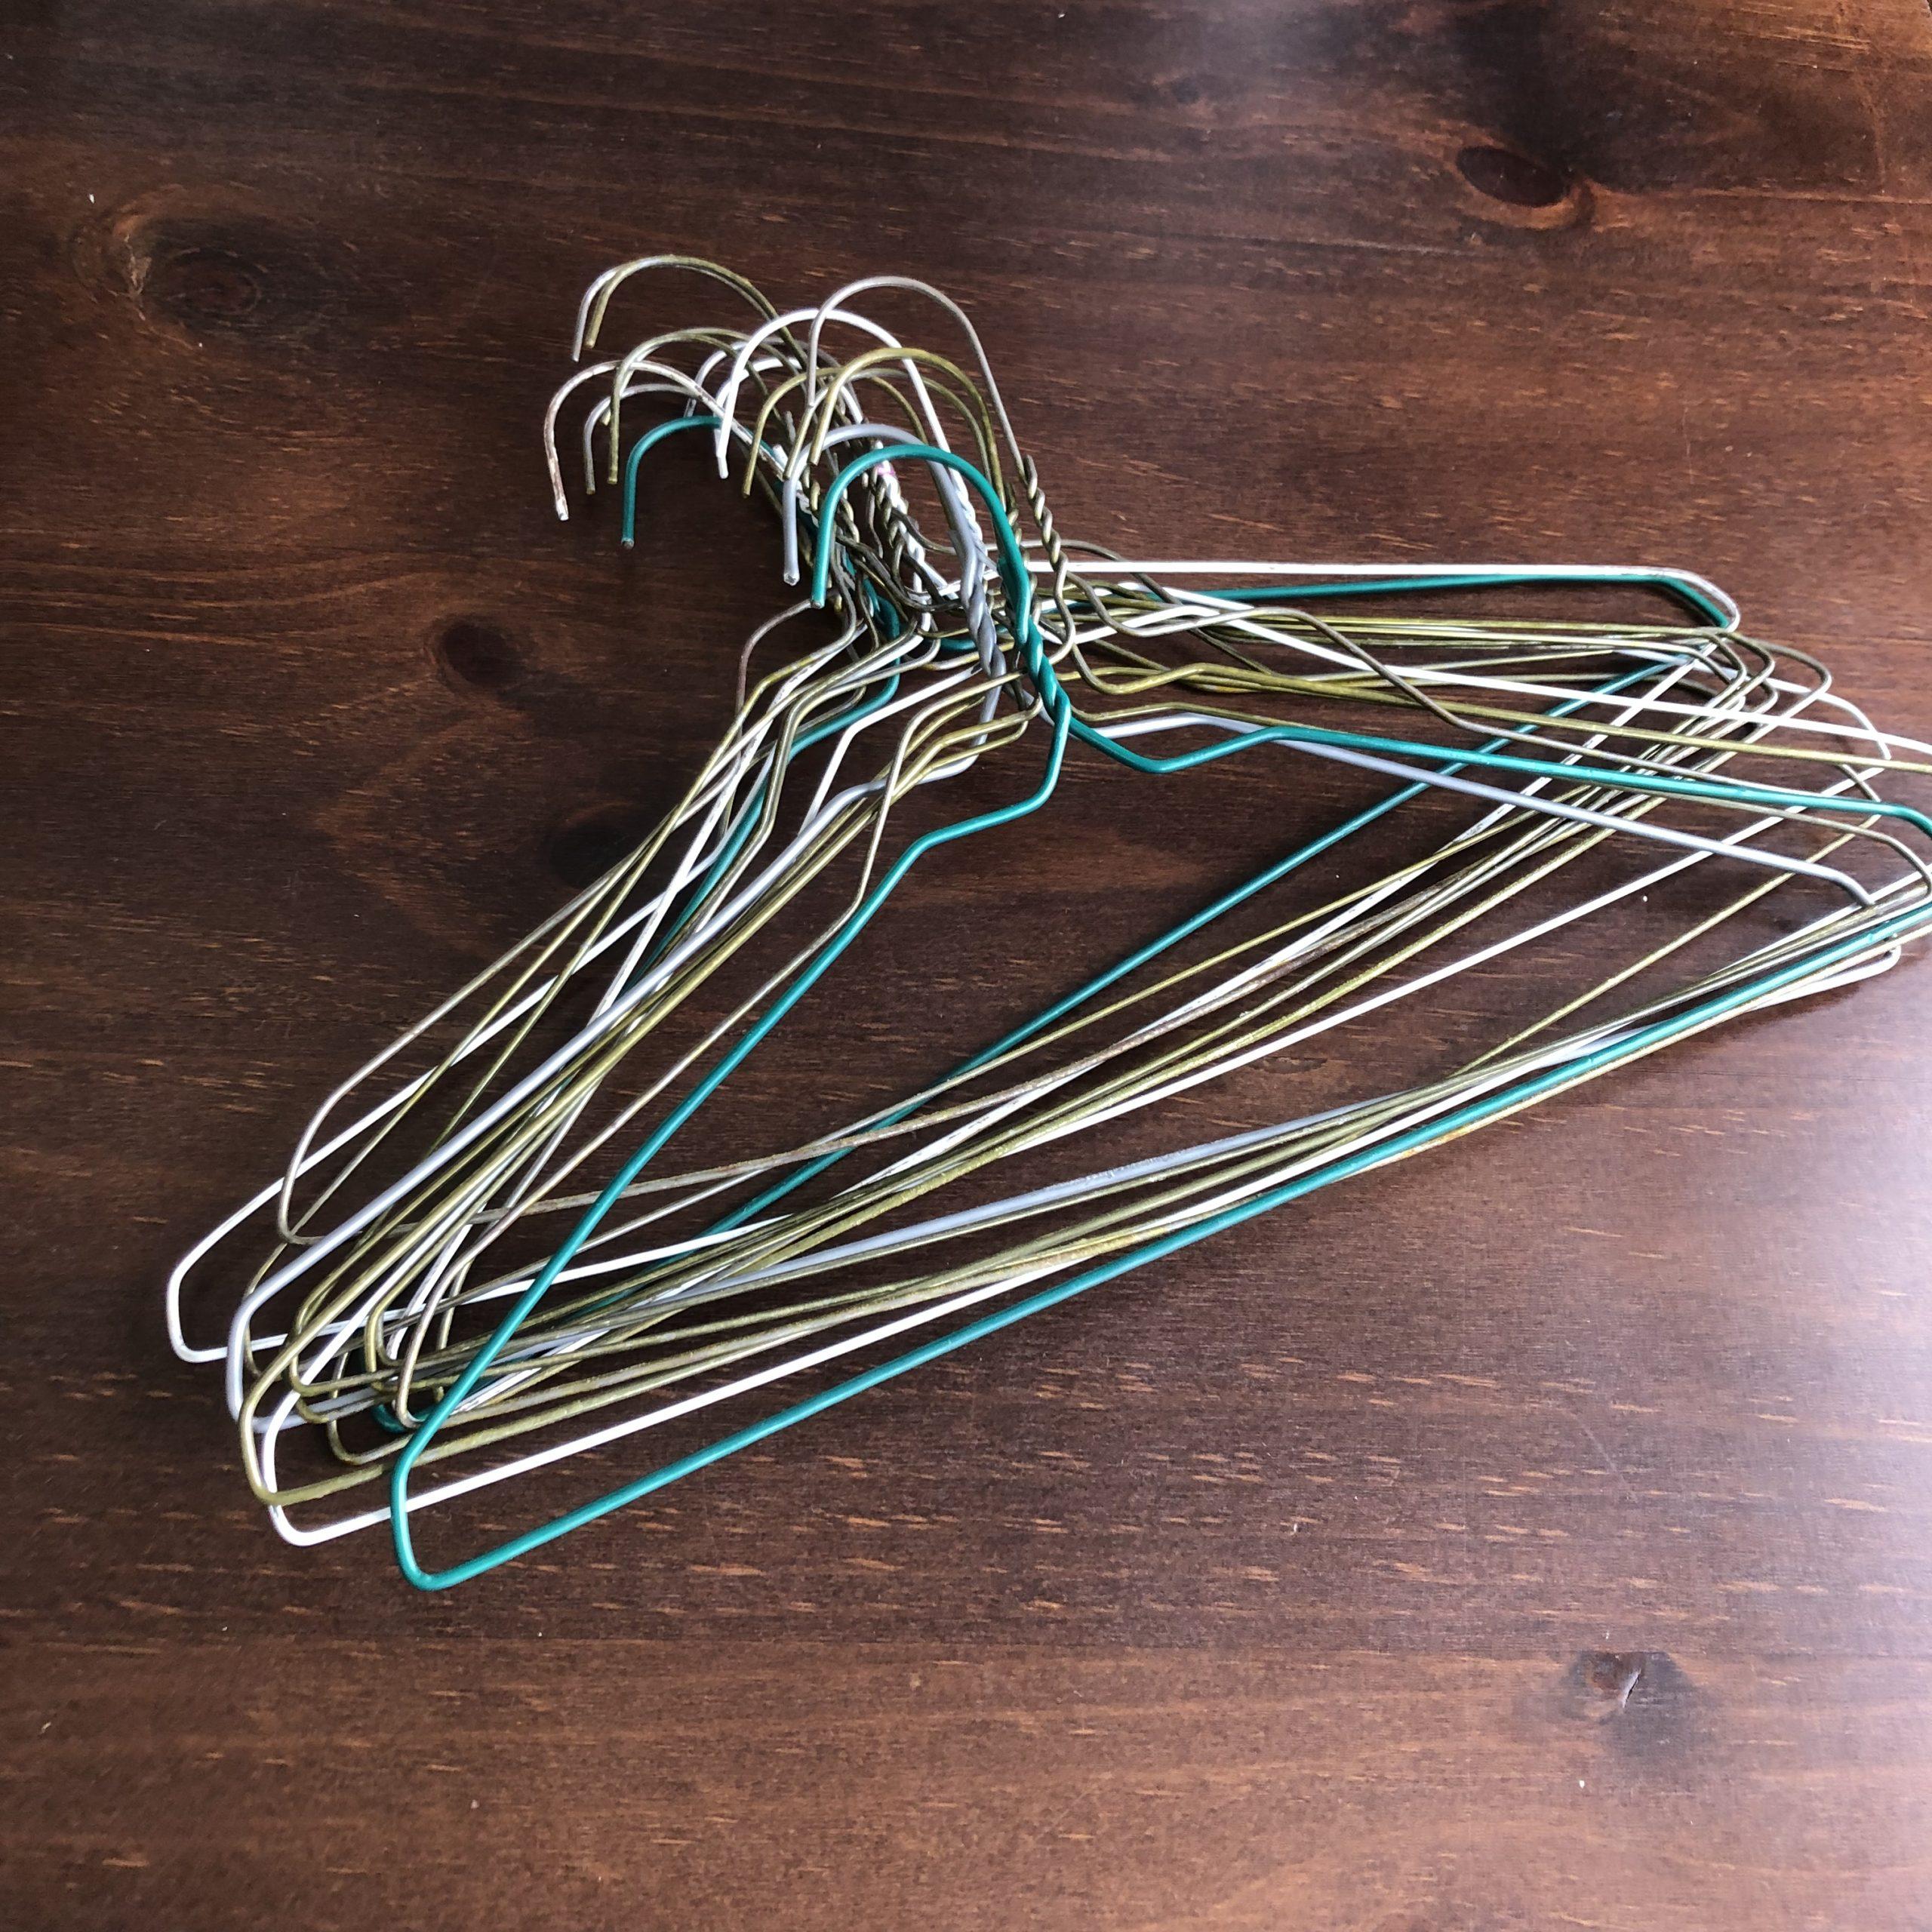 Coat Hangers Image